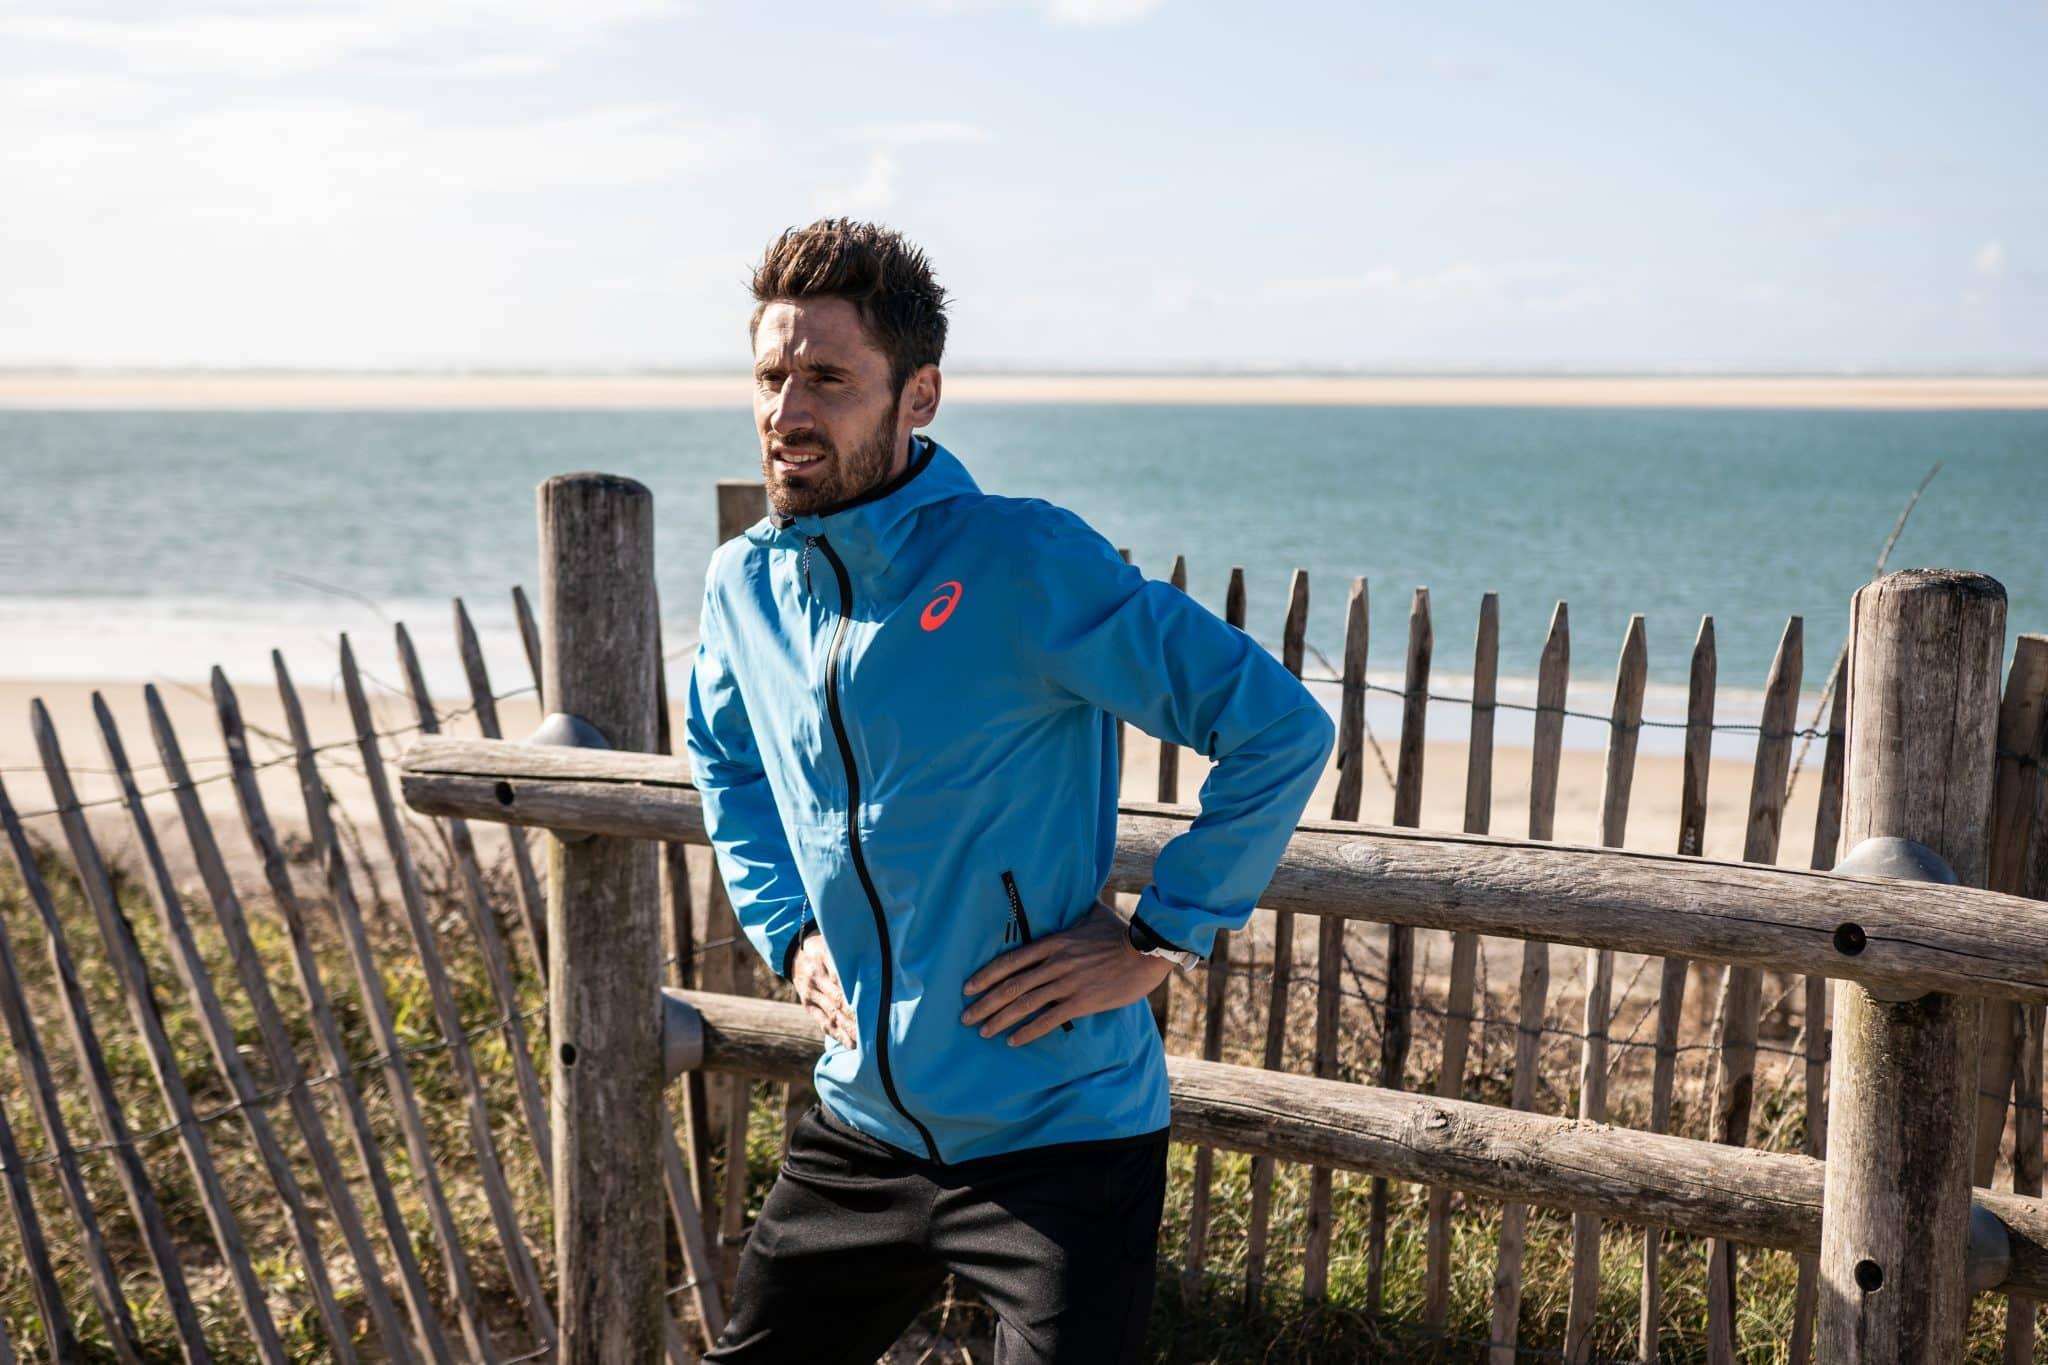 France de semi-marathon : qui sera sacré en 2021 ?